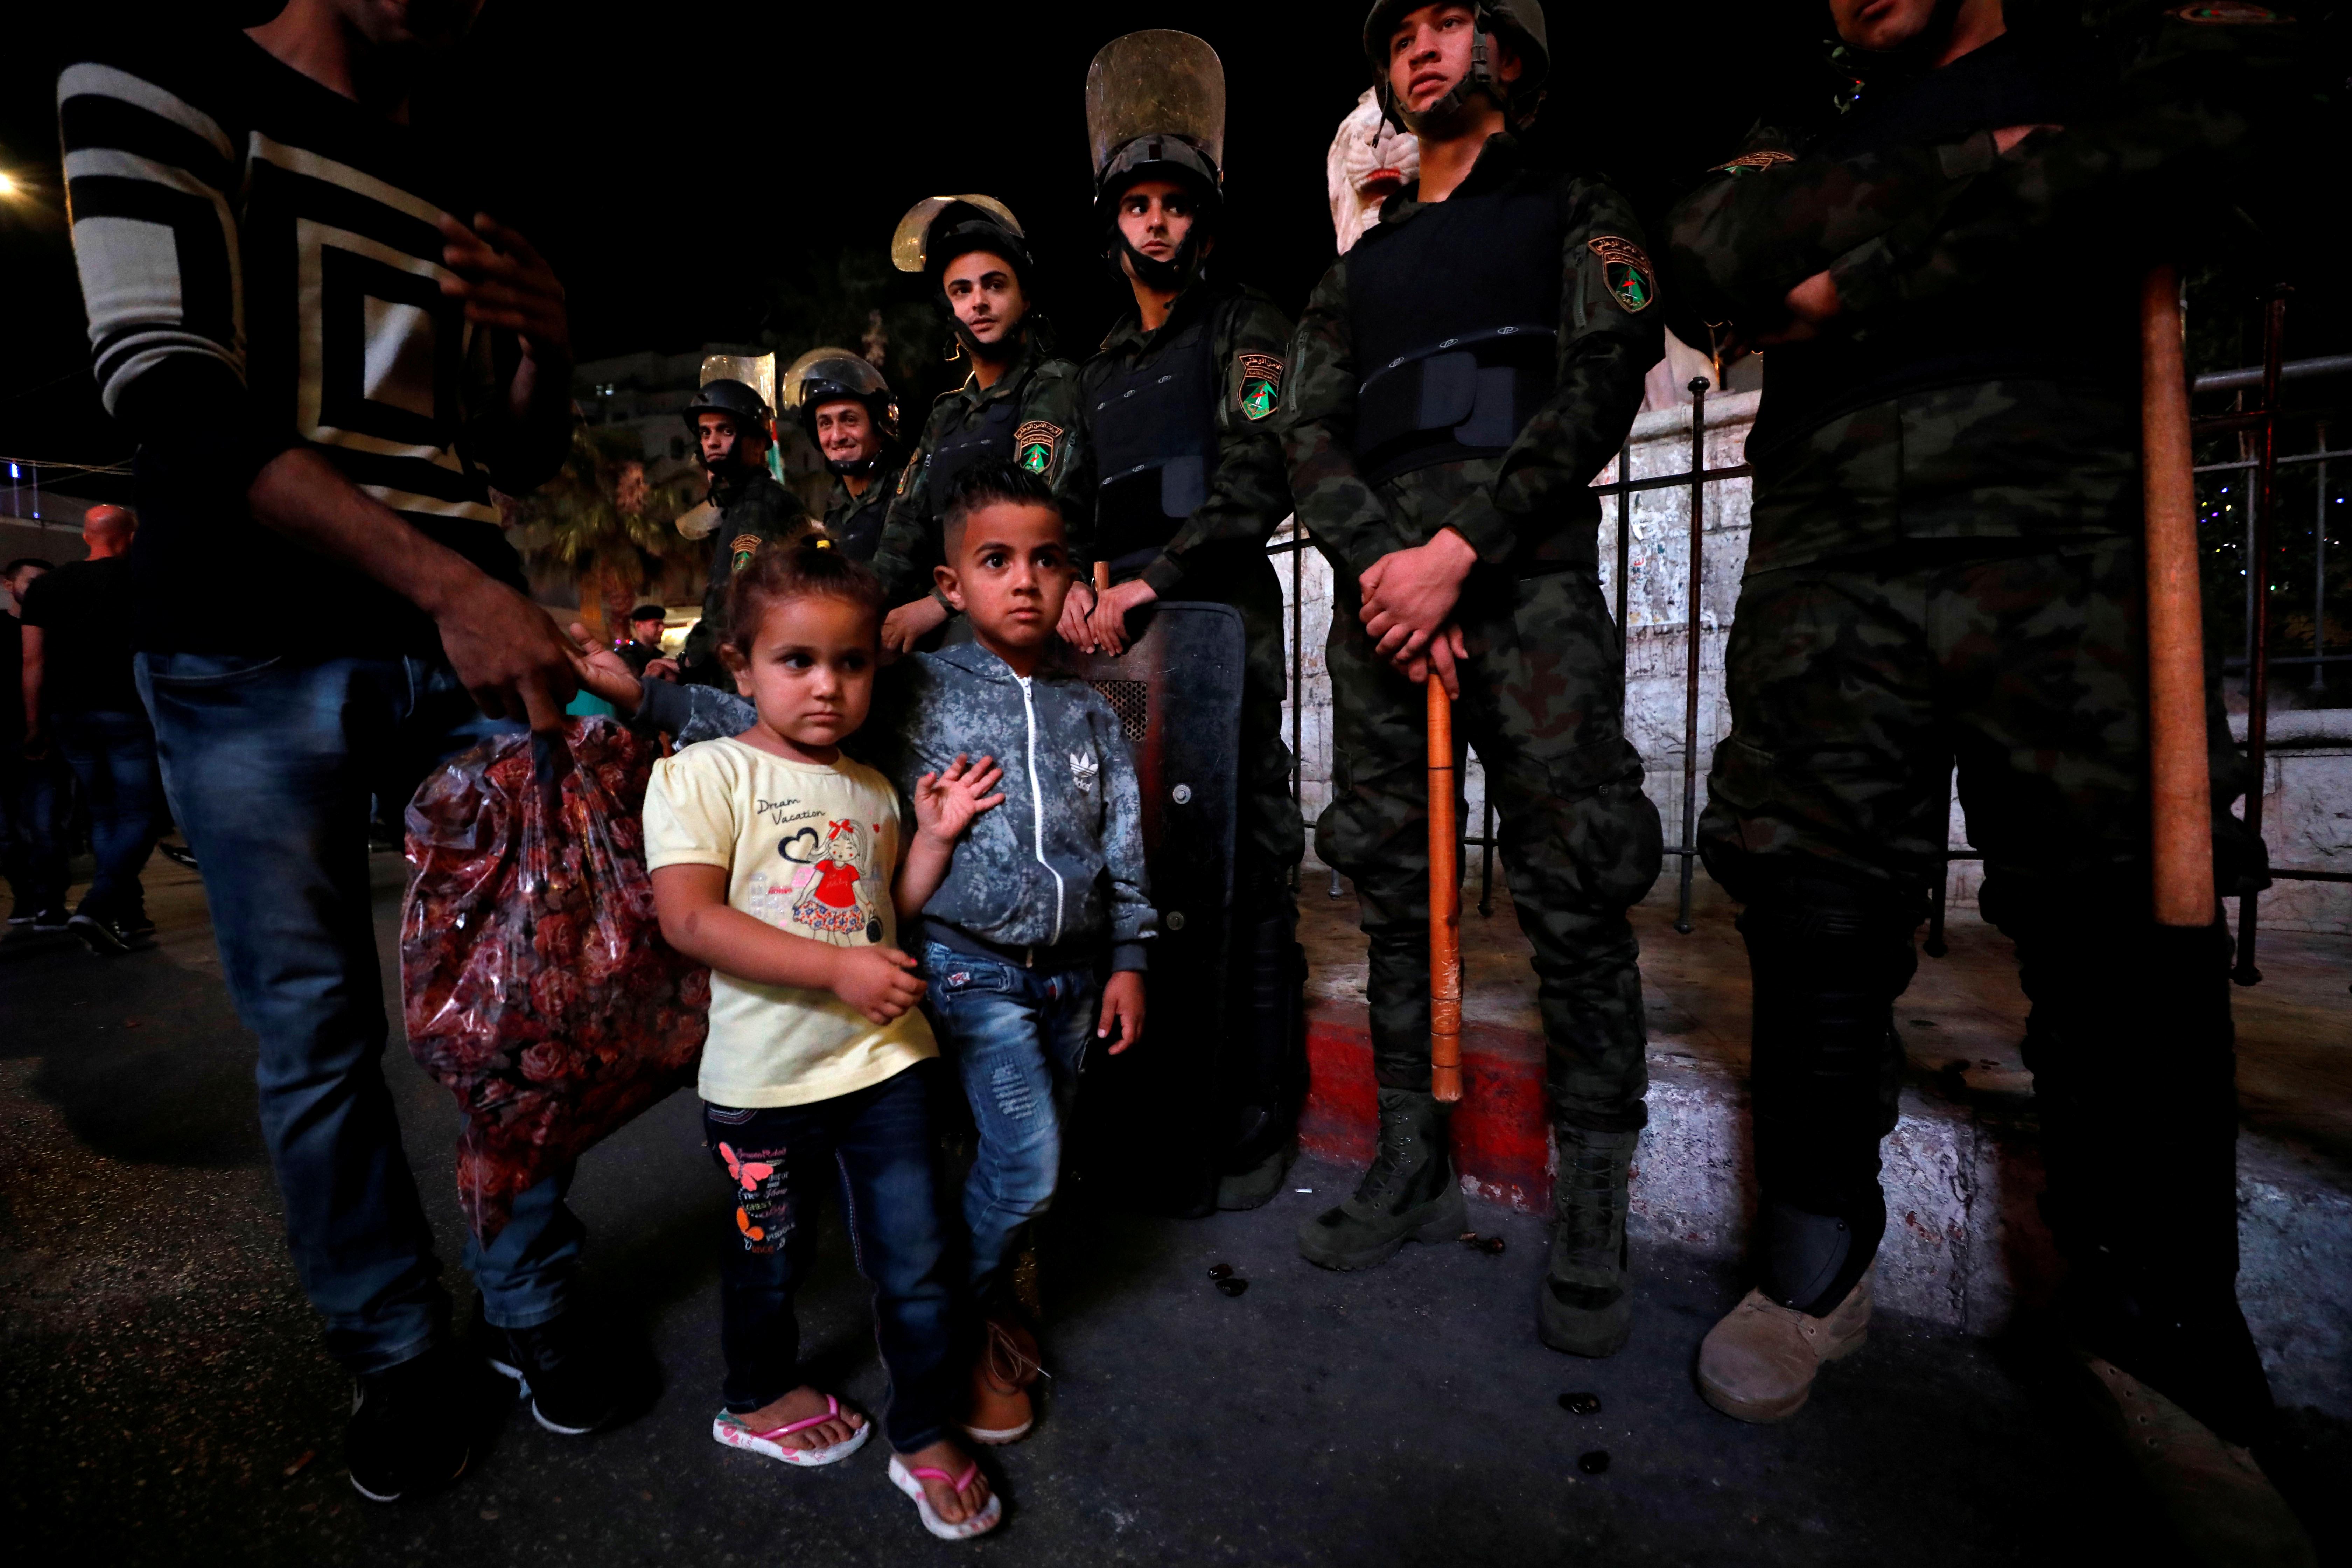 أطفال فلسطينيين وسط المتظاهرين فى رام الله